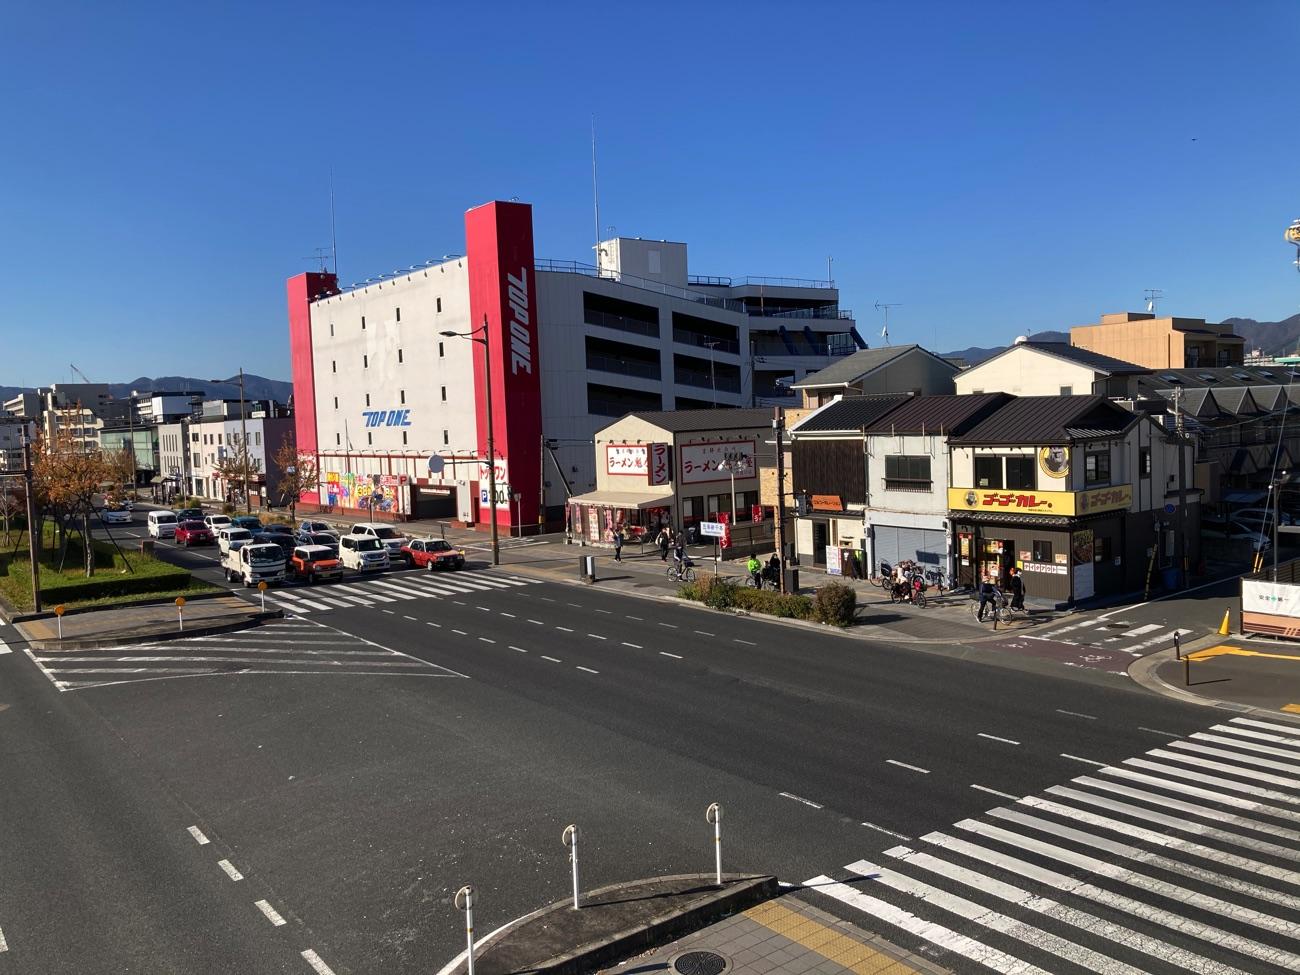 歩道橋から見た「ゴーゴーカレー 京都丹波口駅前スタジアム」